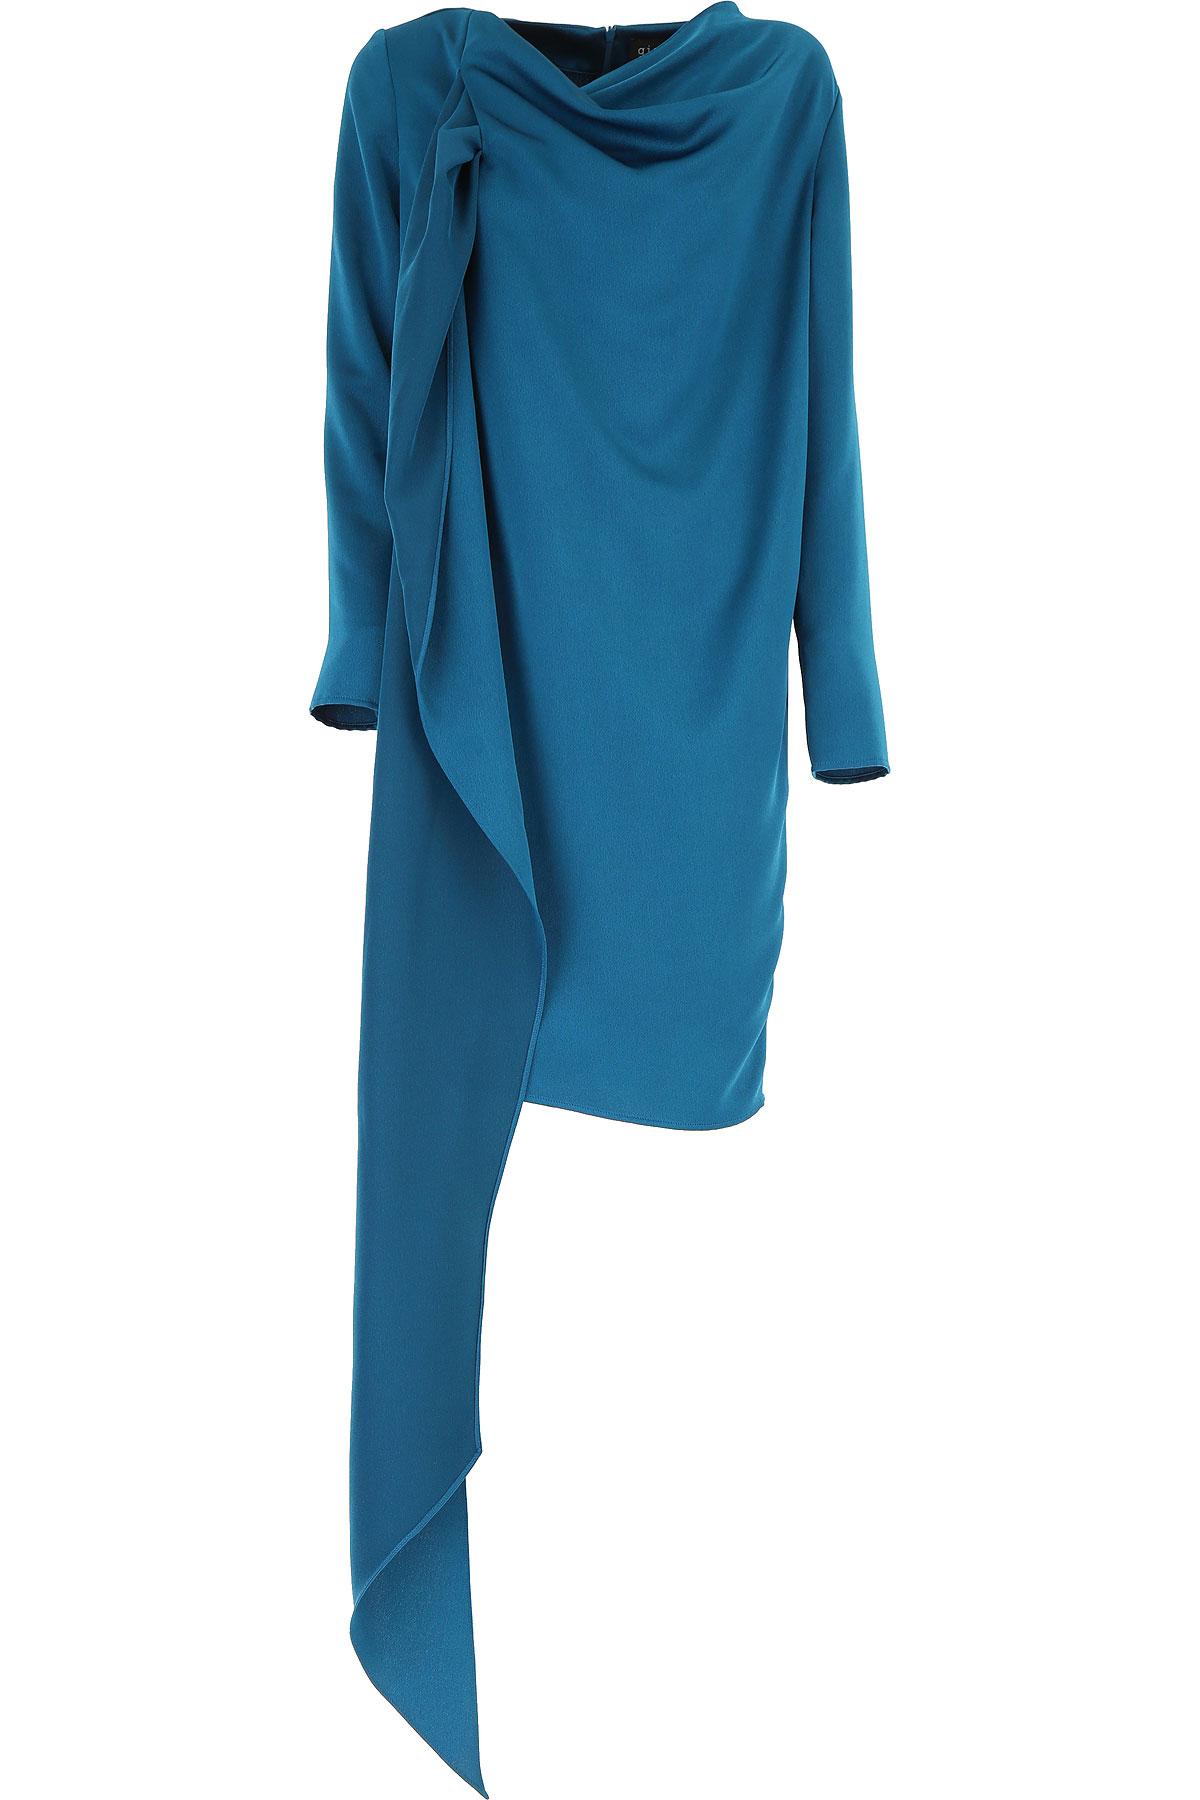 Gianluca Capannolo Robe Femme Pas cher en Soldes, Pétrole, Polyester, 2019, 44 46 M